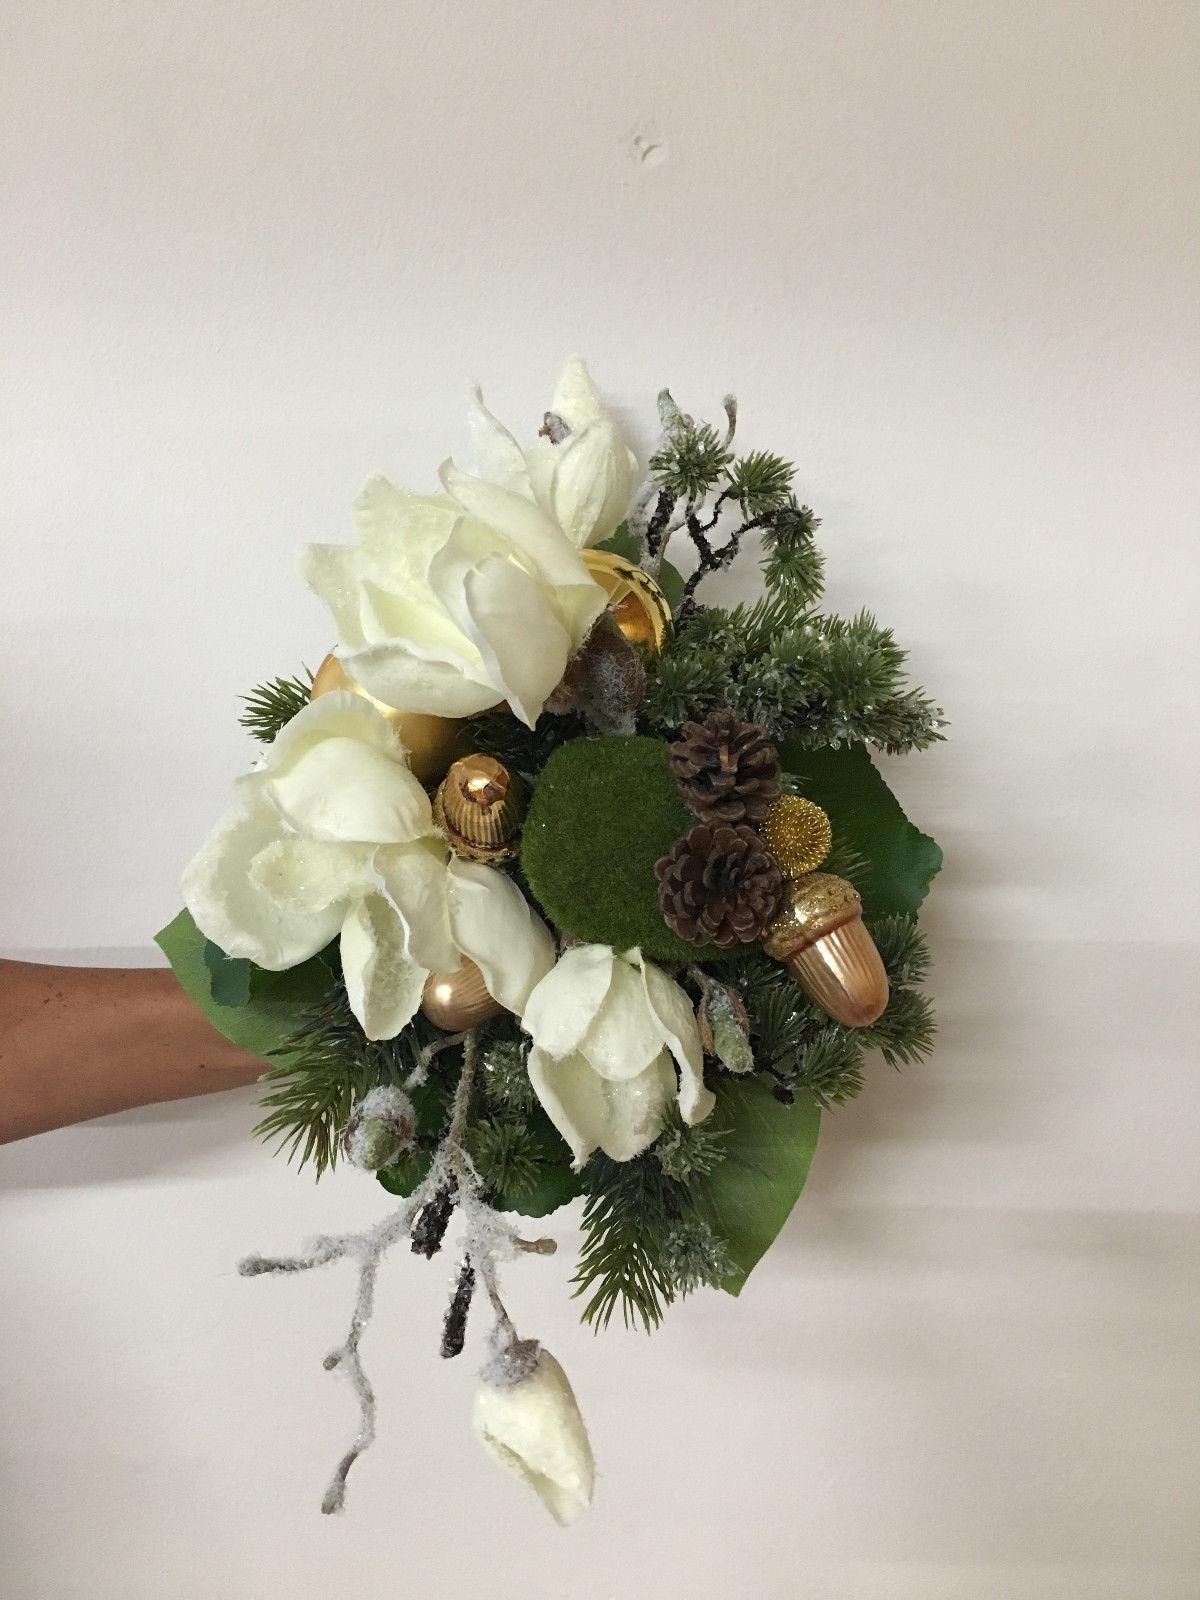 Weihnachtsstrauß Nr 13 Blumenstrauss Künstlich Winter Seidenblume Liegestrauß